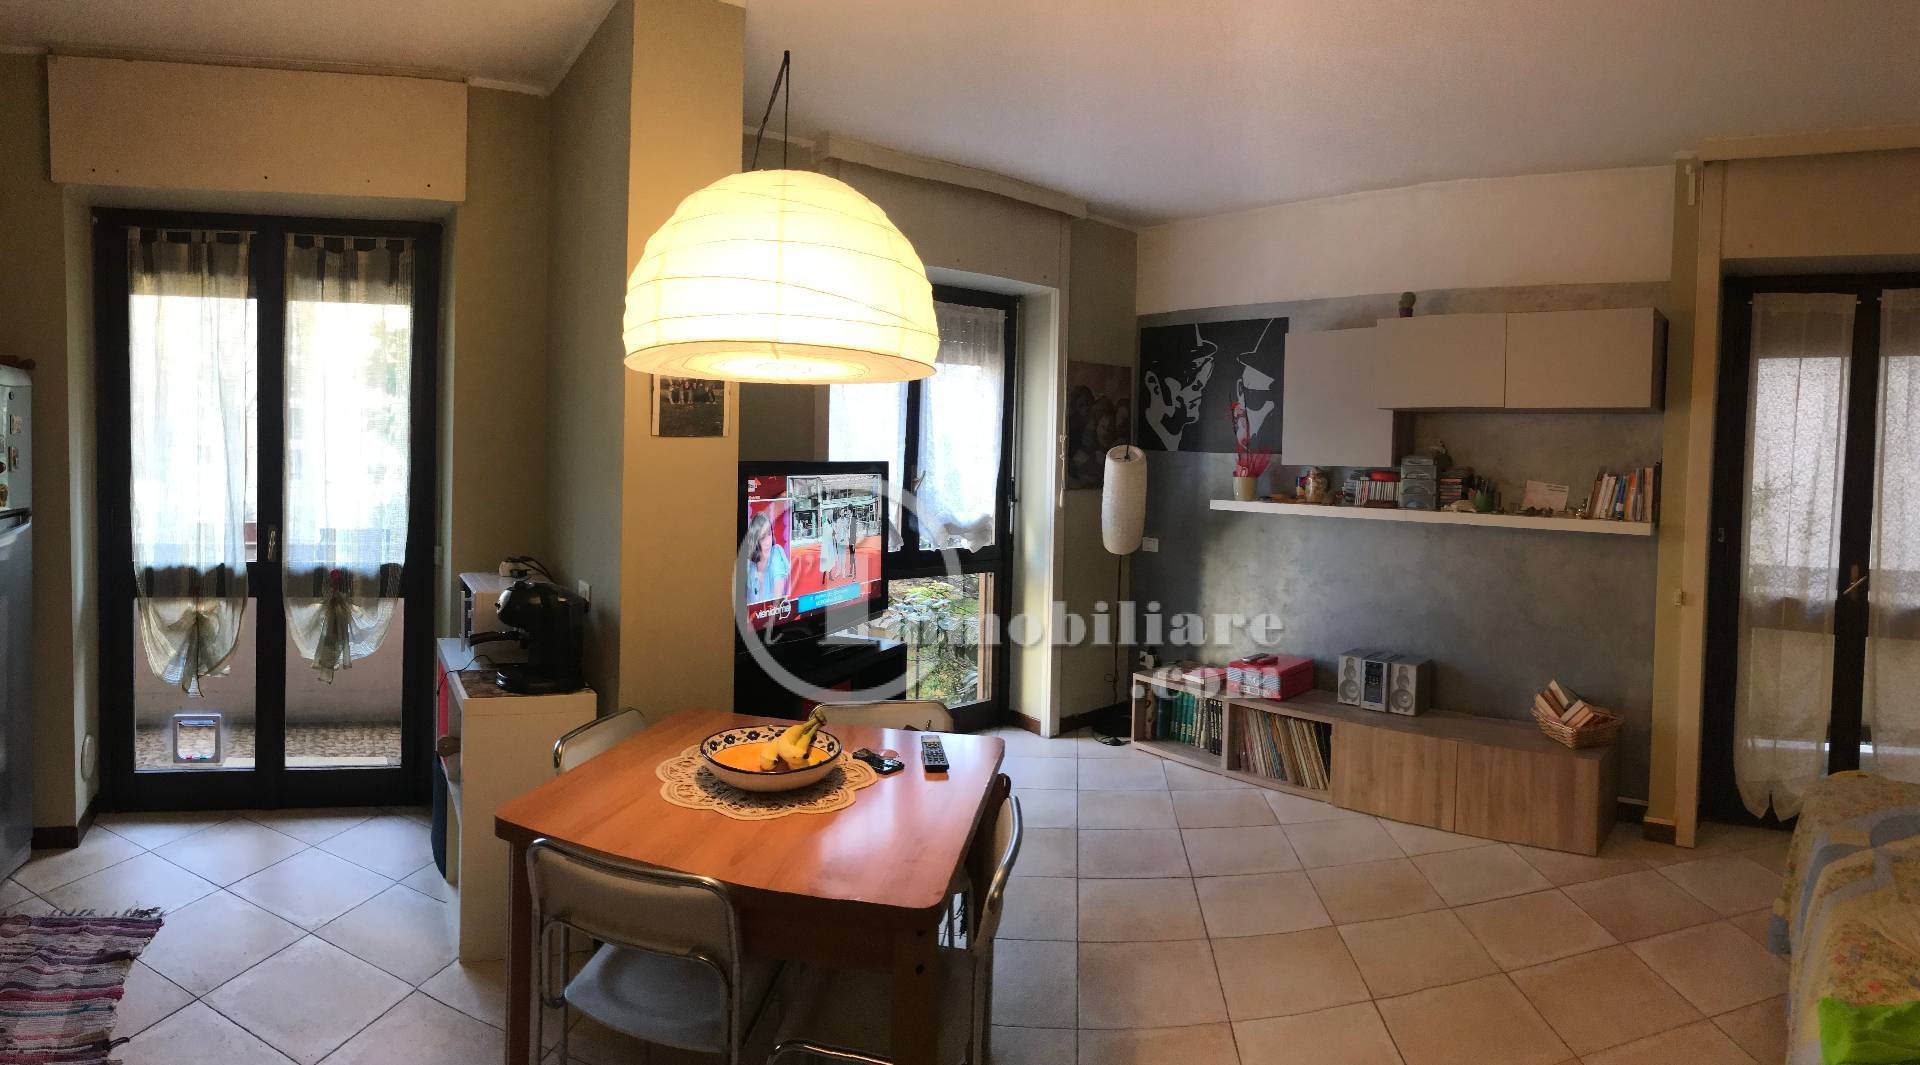 Appartamento in Vendita a Busto Arsizio: 1 locali, 40 mq